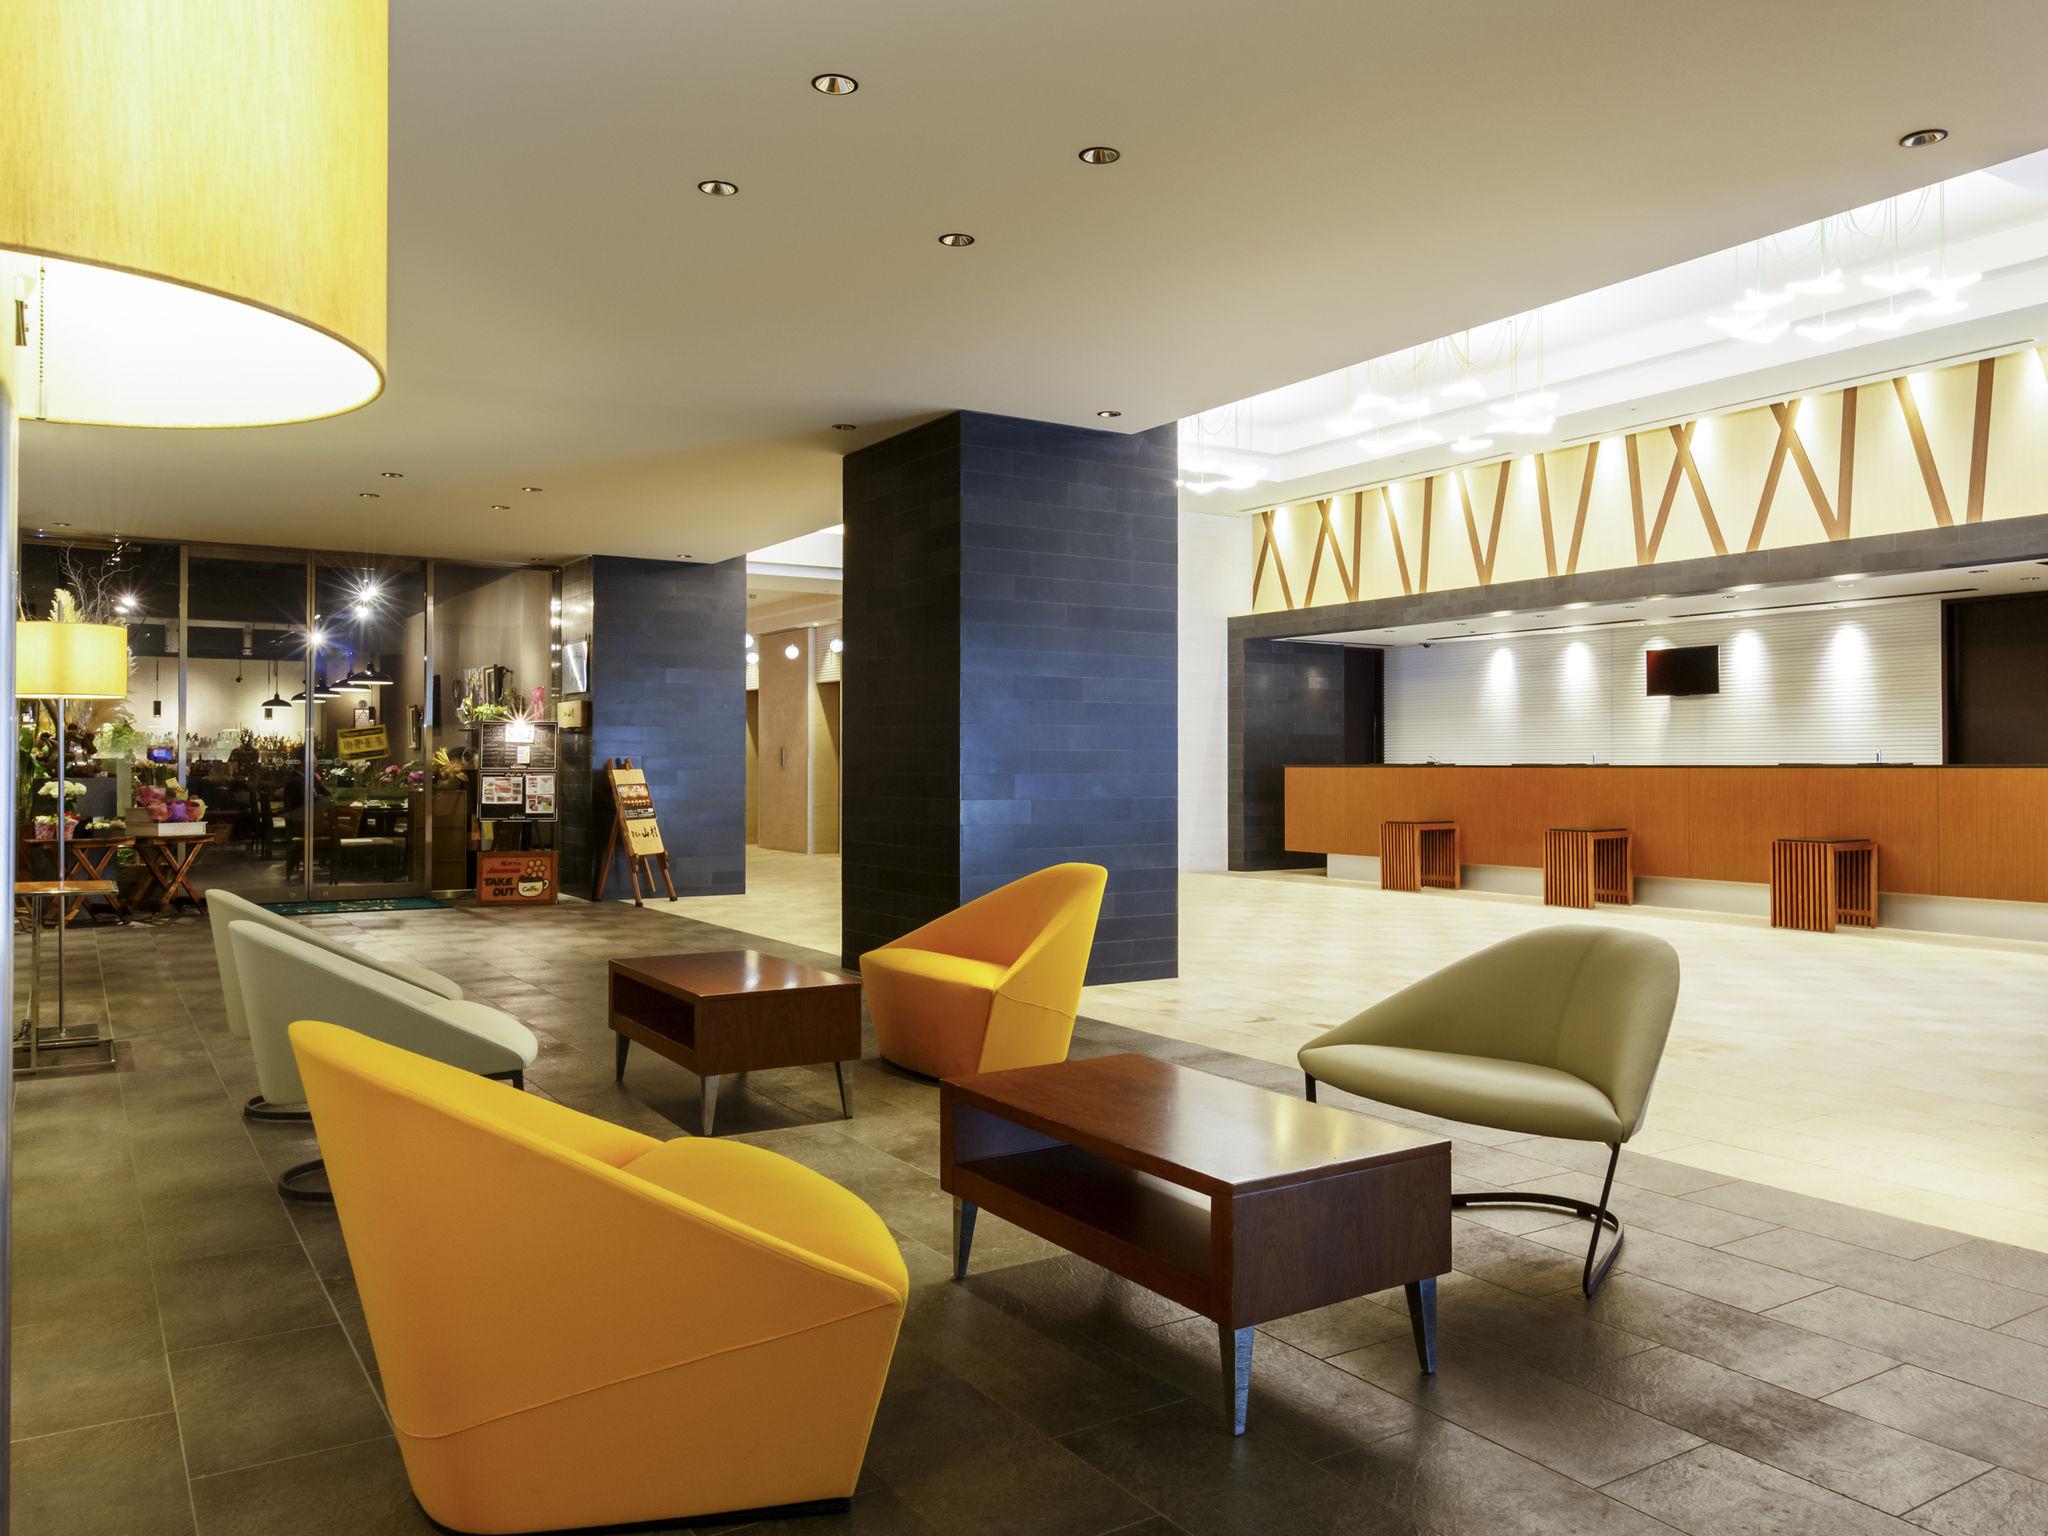 โรงแรม – ไอบิส สไตล์ ซัปโปโร